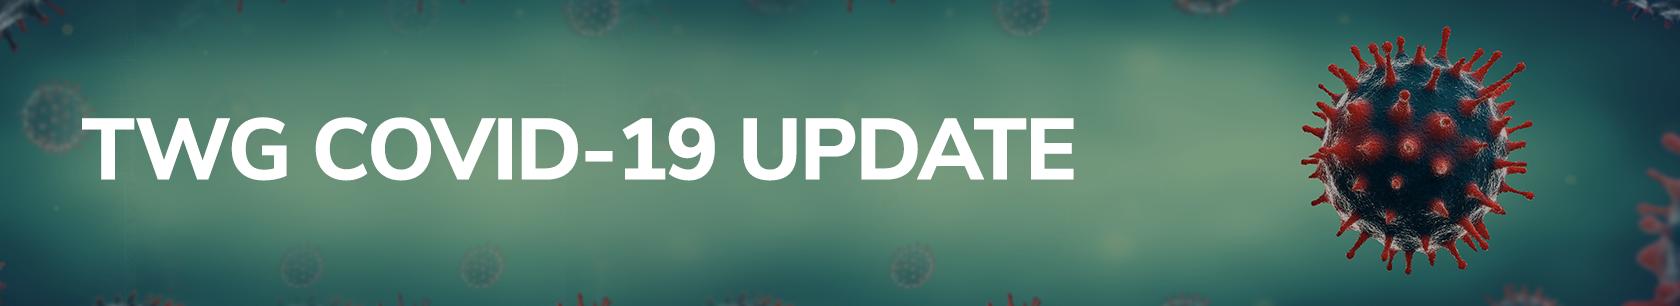 TWG Covid-19 Update